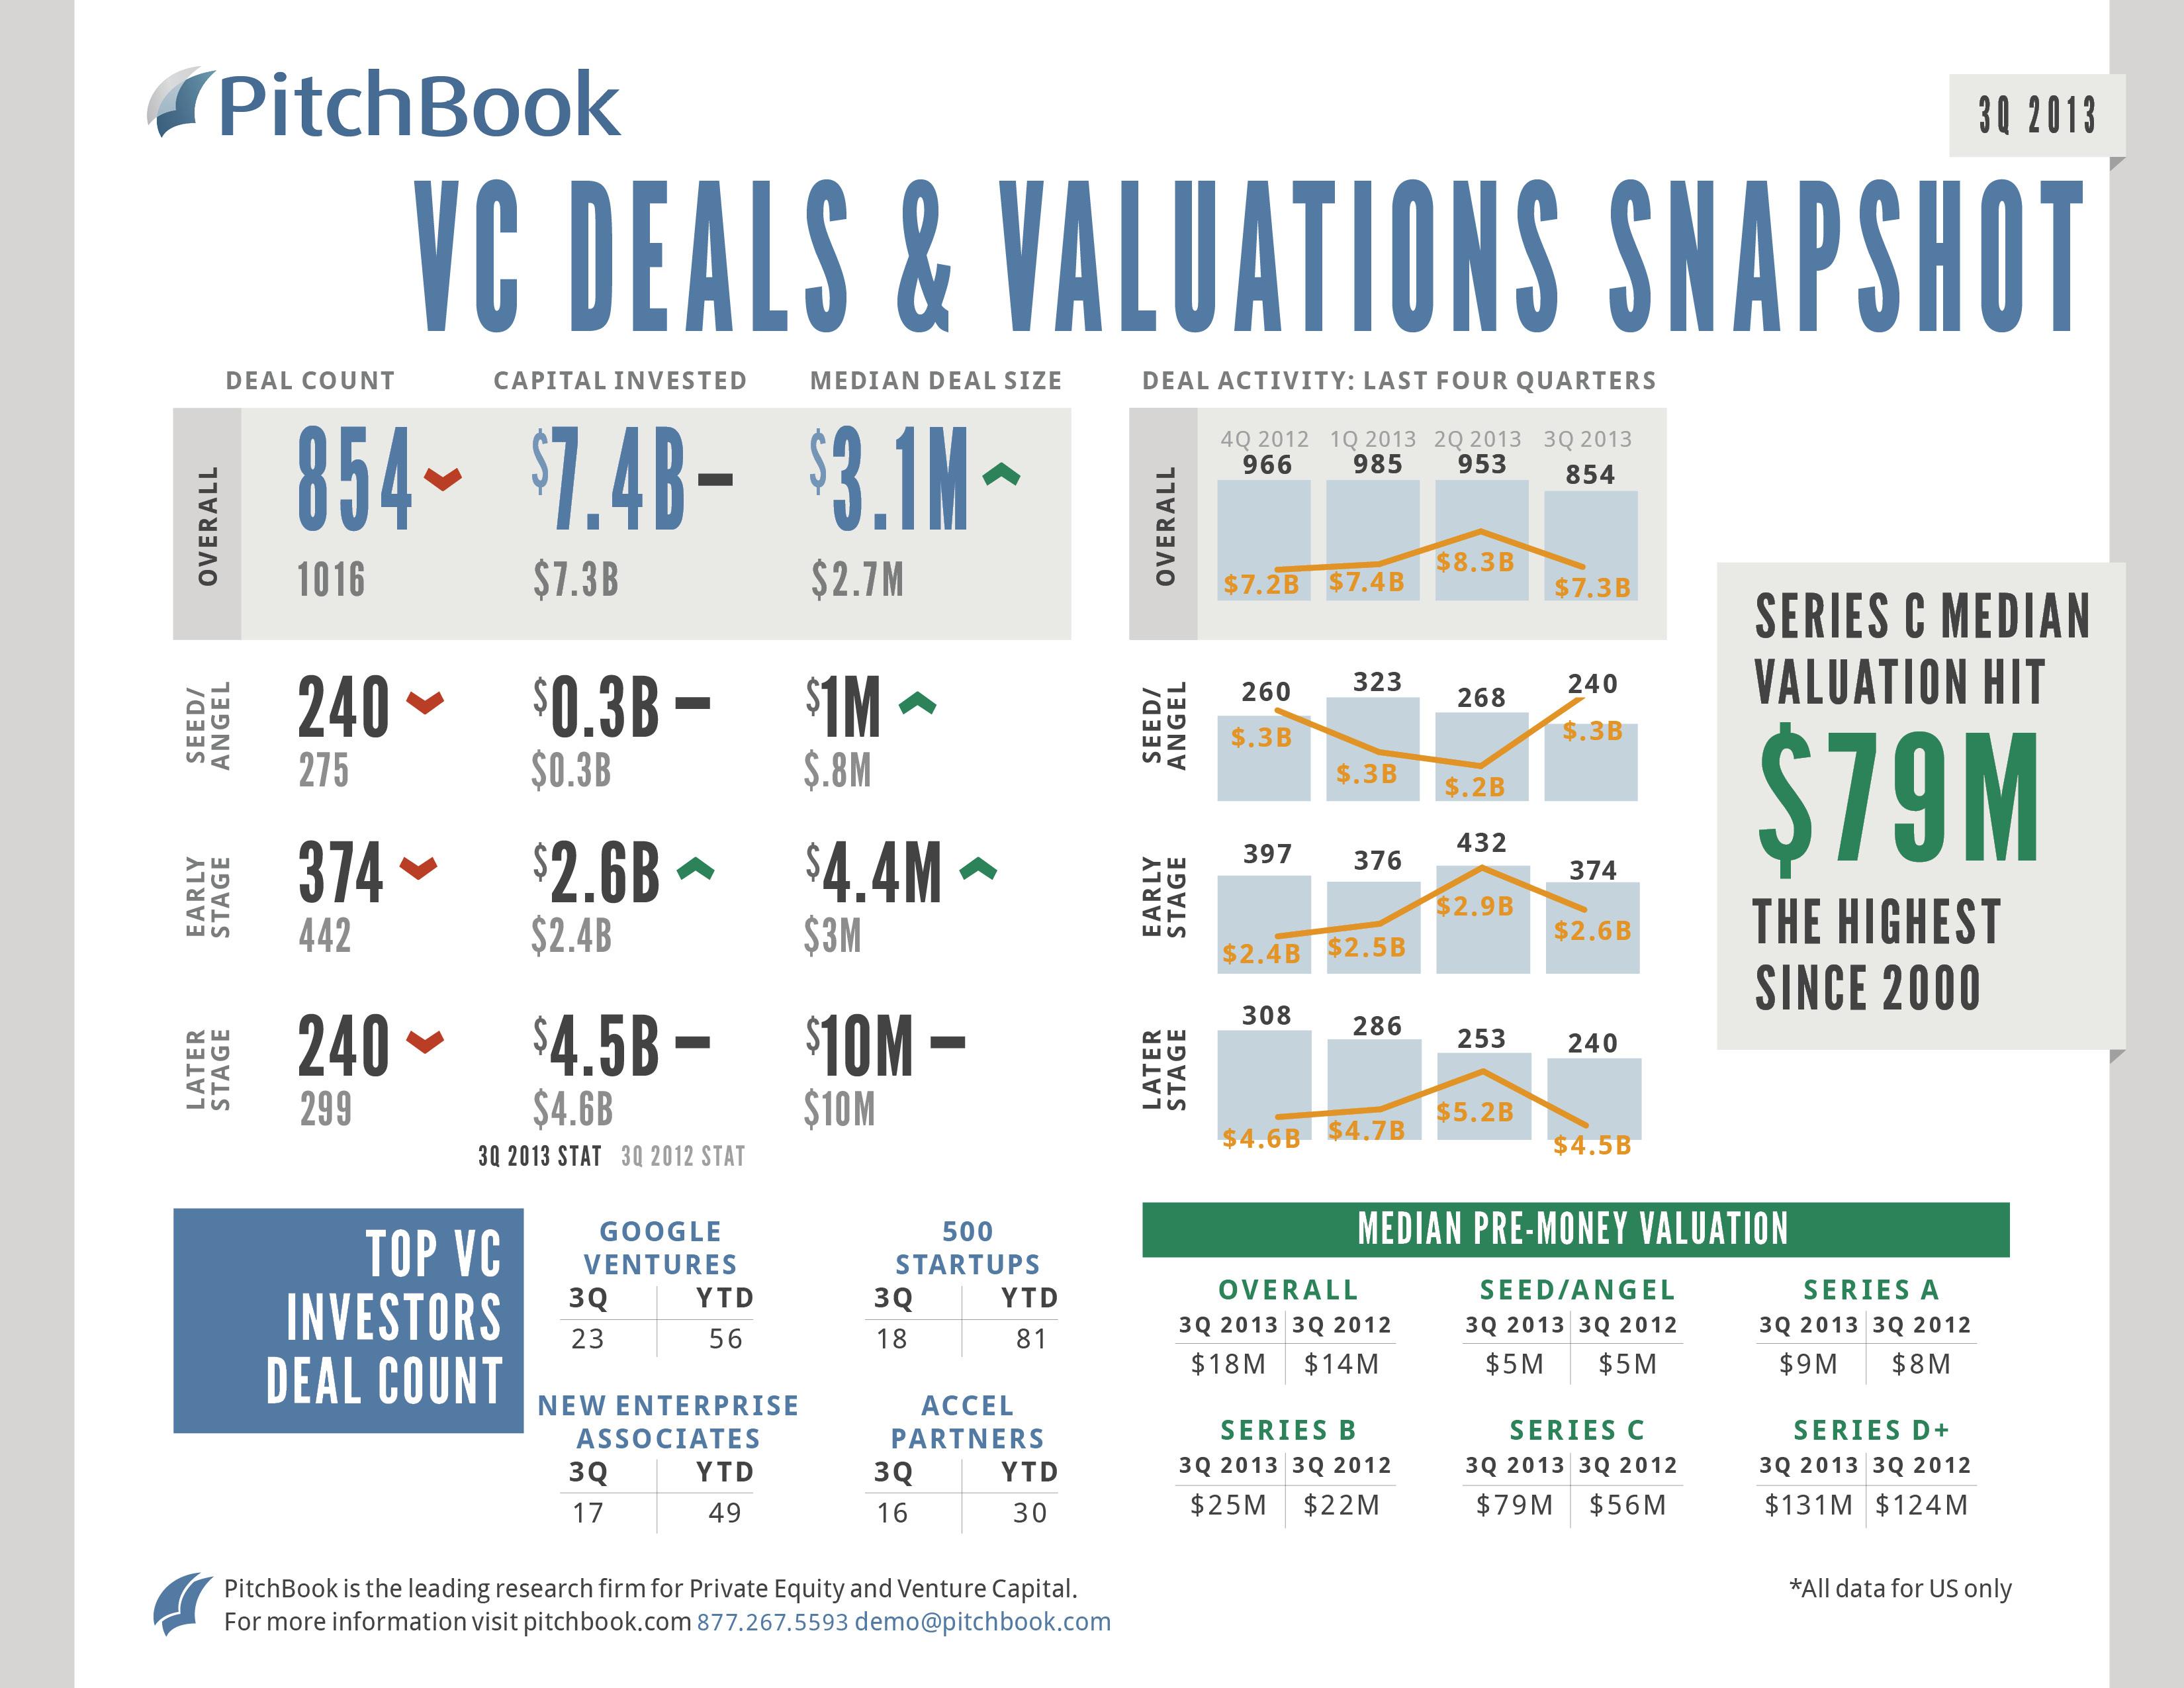 Q3 2013 VC Deals Snapshot